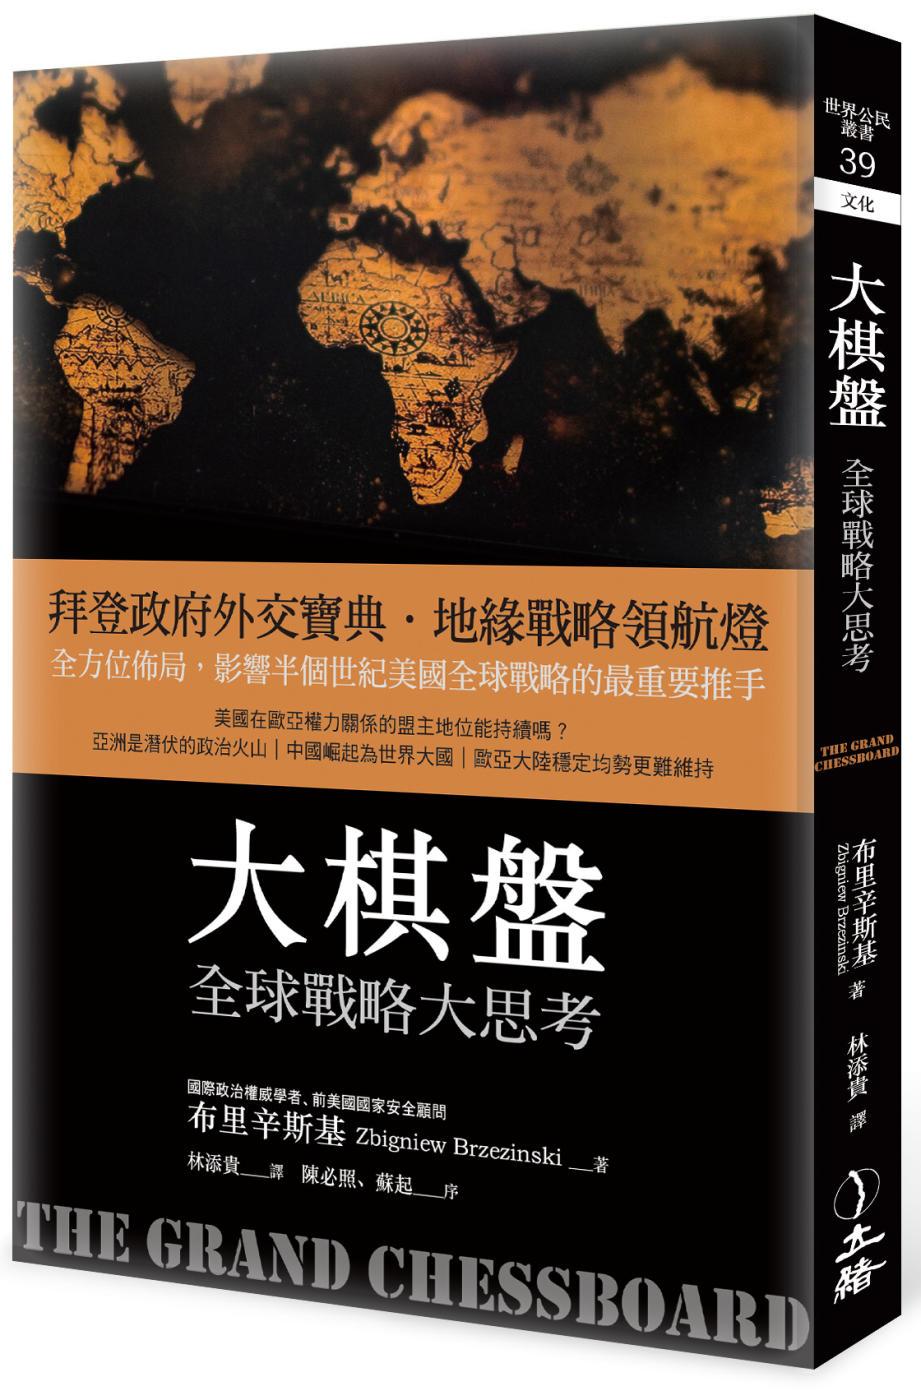 大棋盤:全球戰略大思考(202...